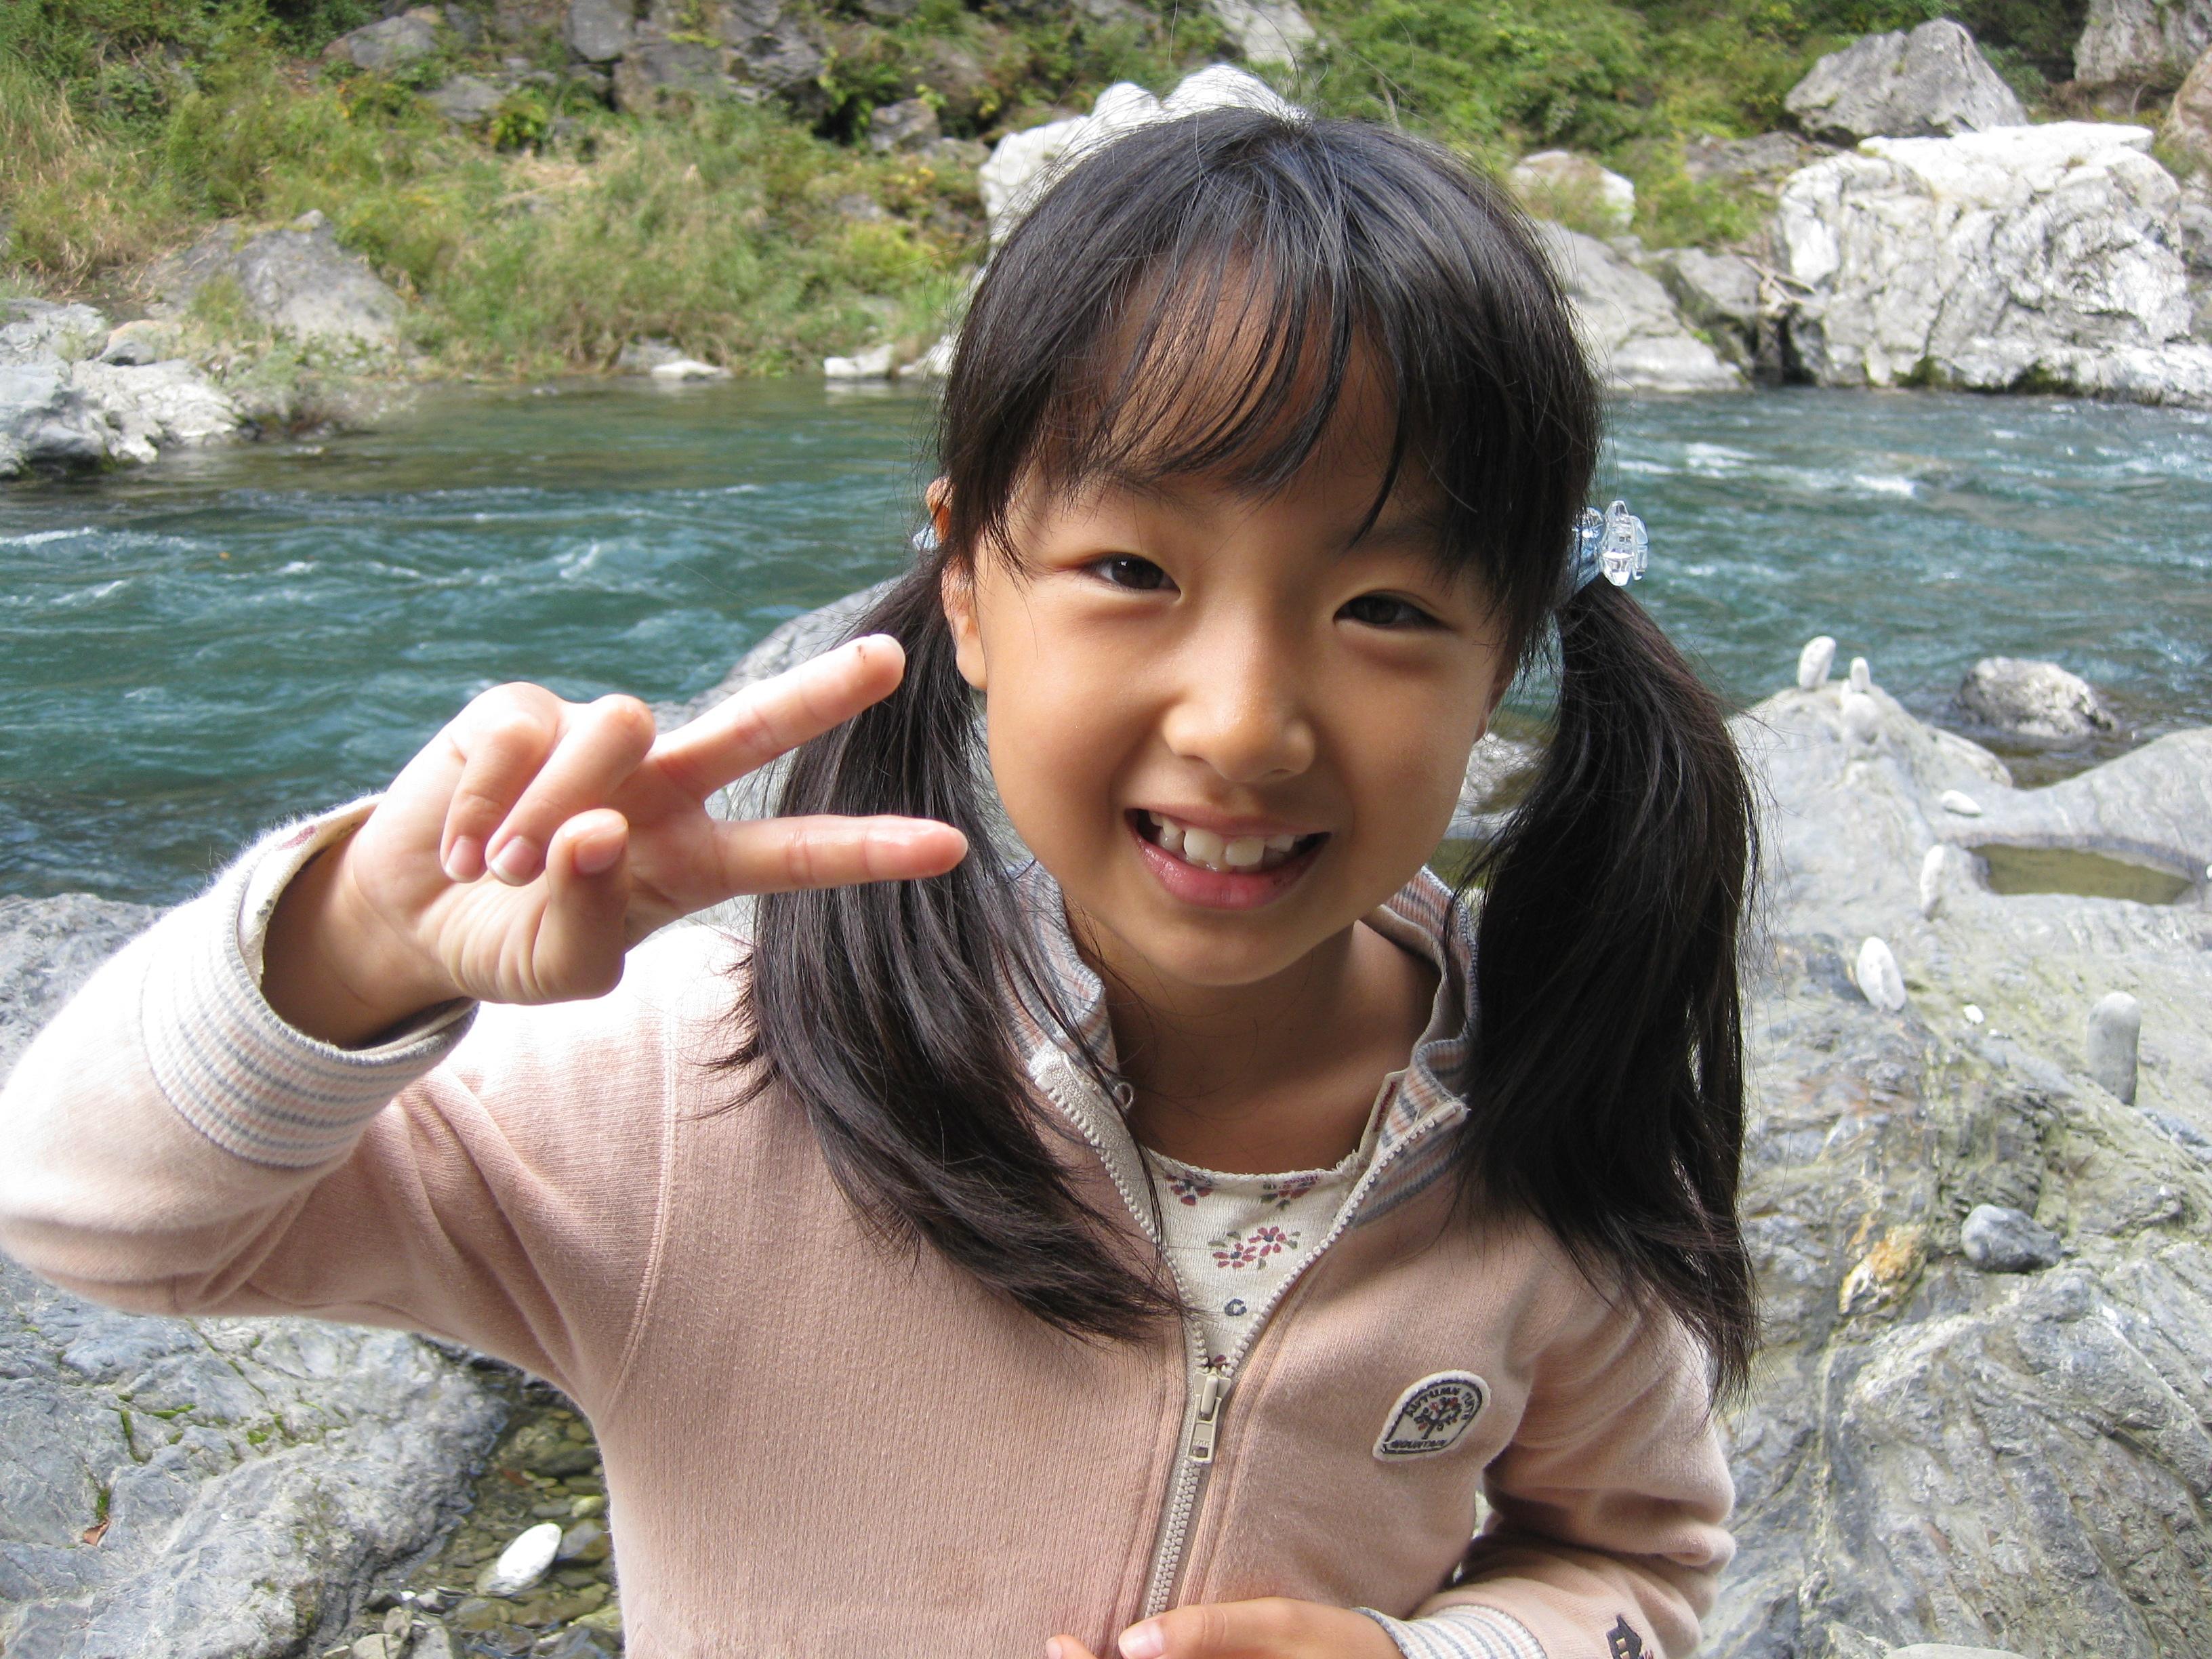 【小中学生】♪美少女らいすっき♪ 251【天てれ・まいん・子役・素人など】xvideo>1本 YouTube動画>15本 ->画像>1236枚